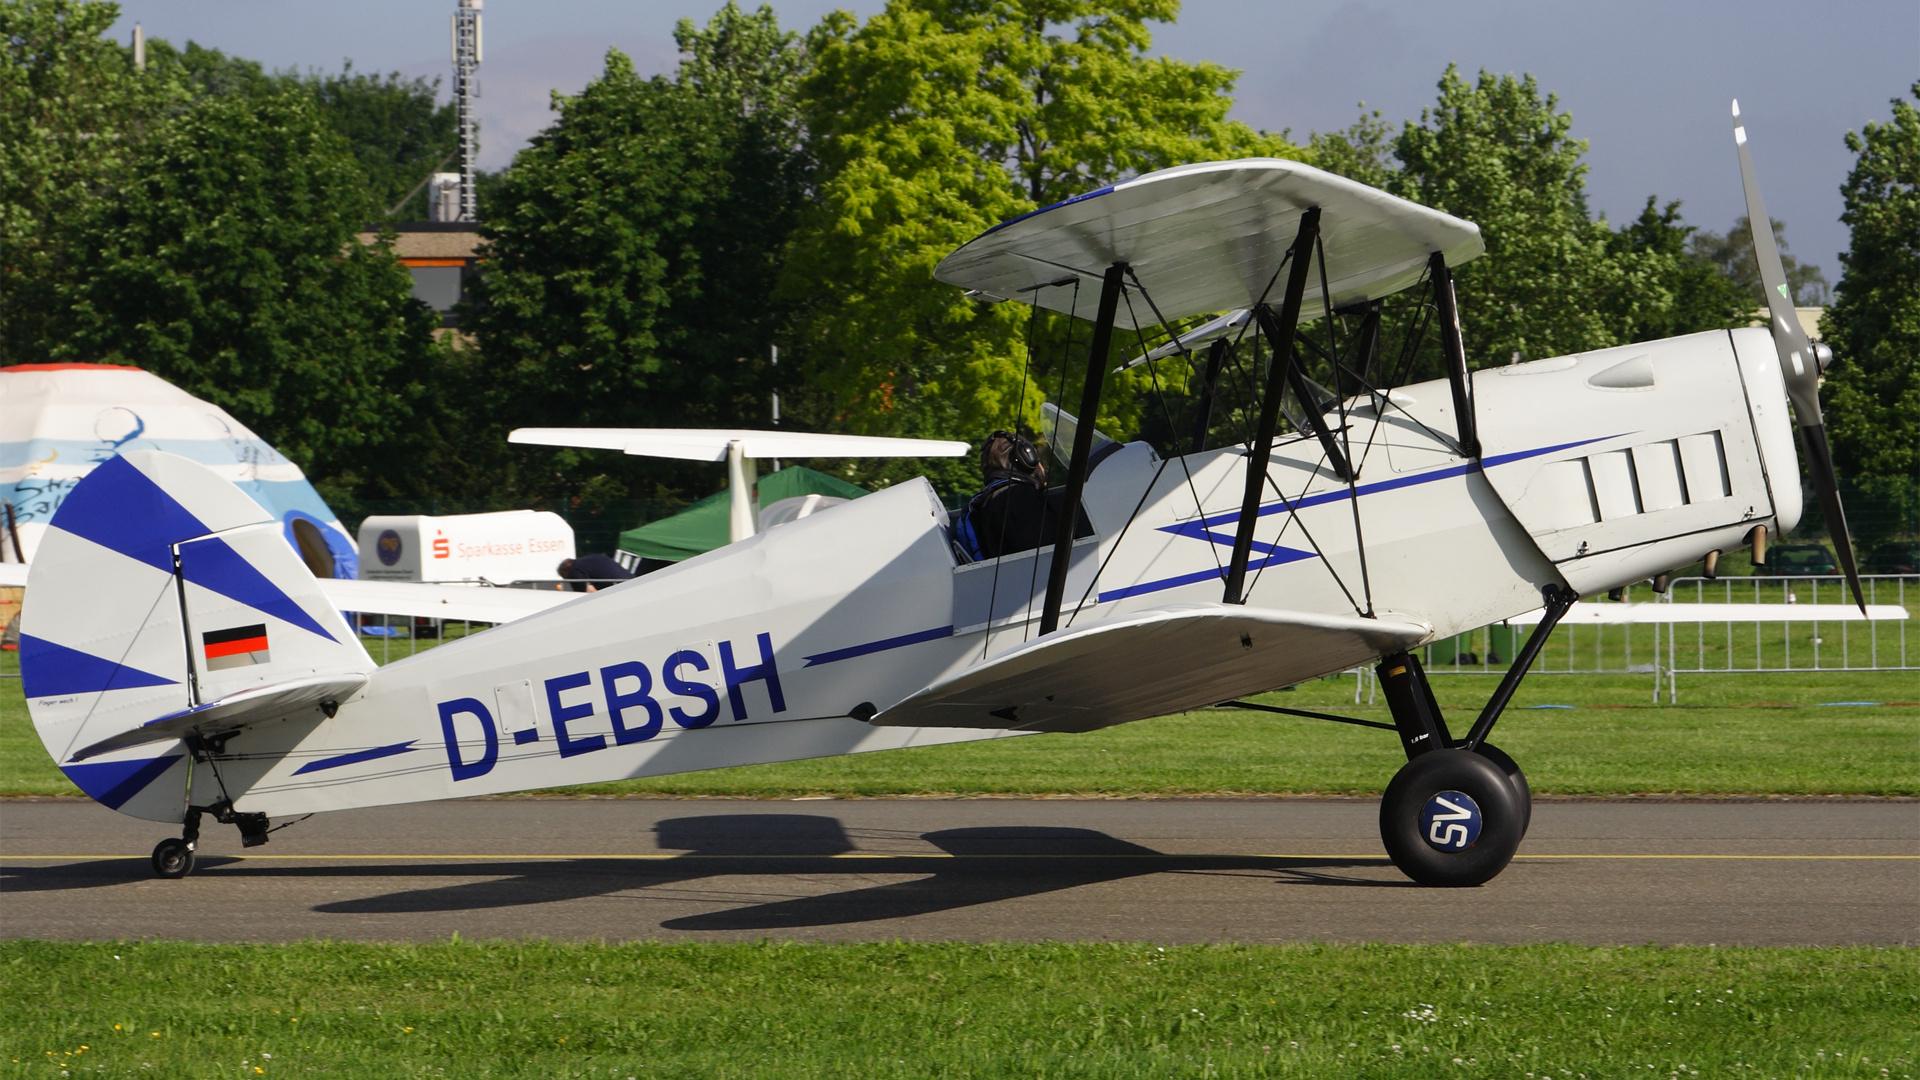 D-EBSH-1 Stampe ESS 200806